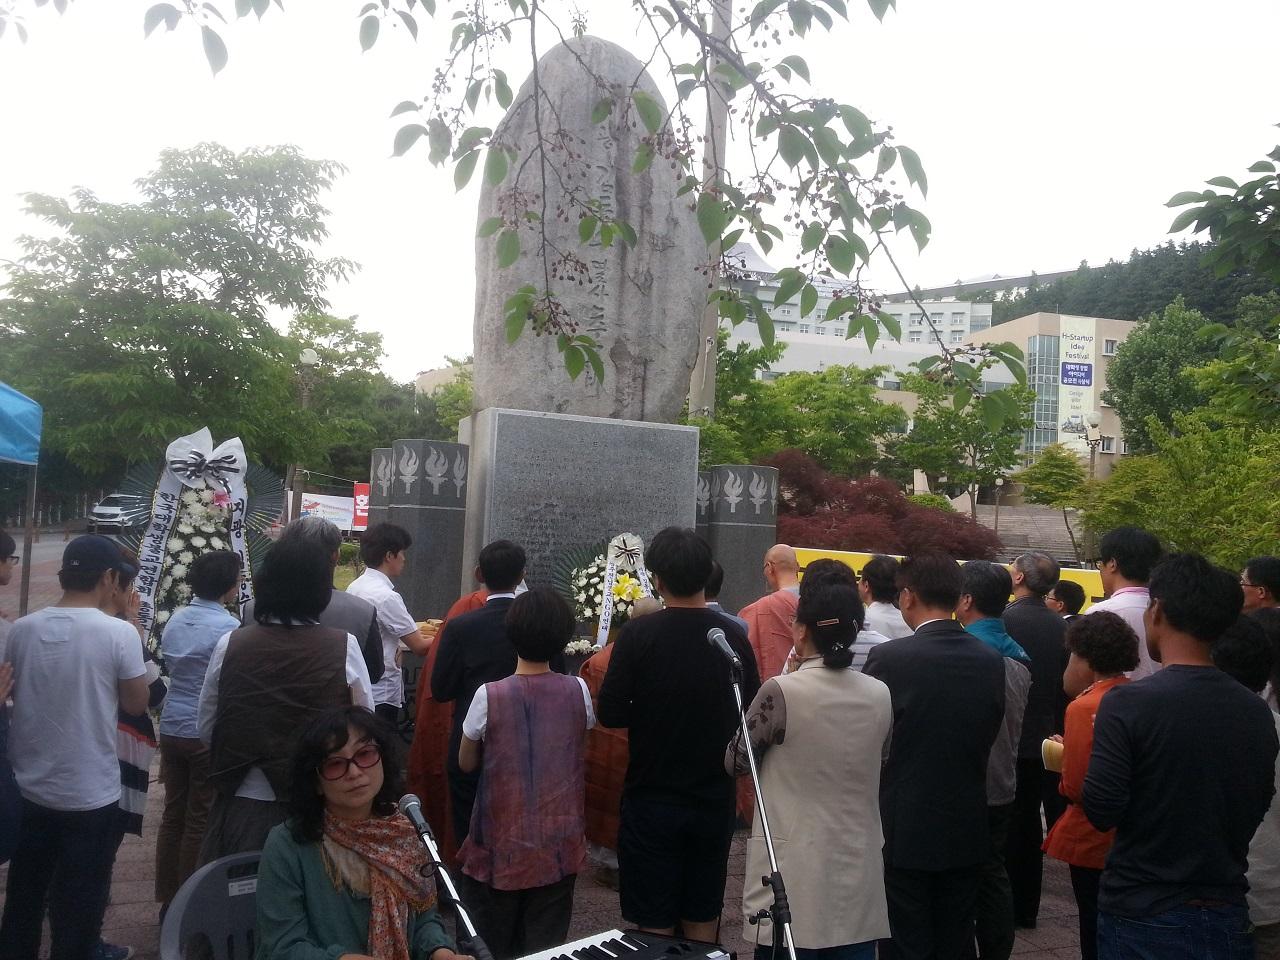 김동수 열사를 기리며 참석자들은 헌화와 분향후에 생명평화걷기명상을 하고 추모비 앞에서 추모노래를 부르며 법회를 마무리 했다.